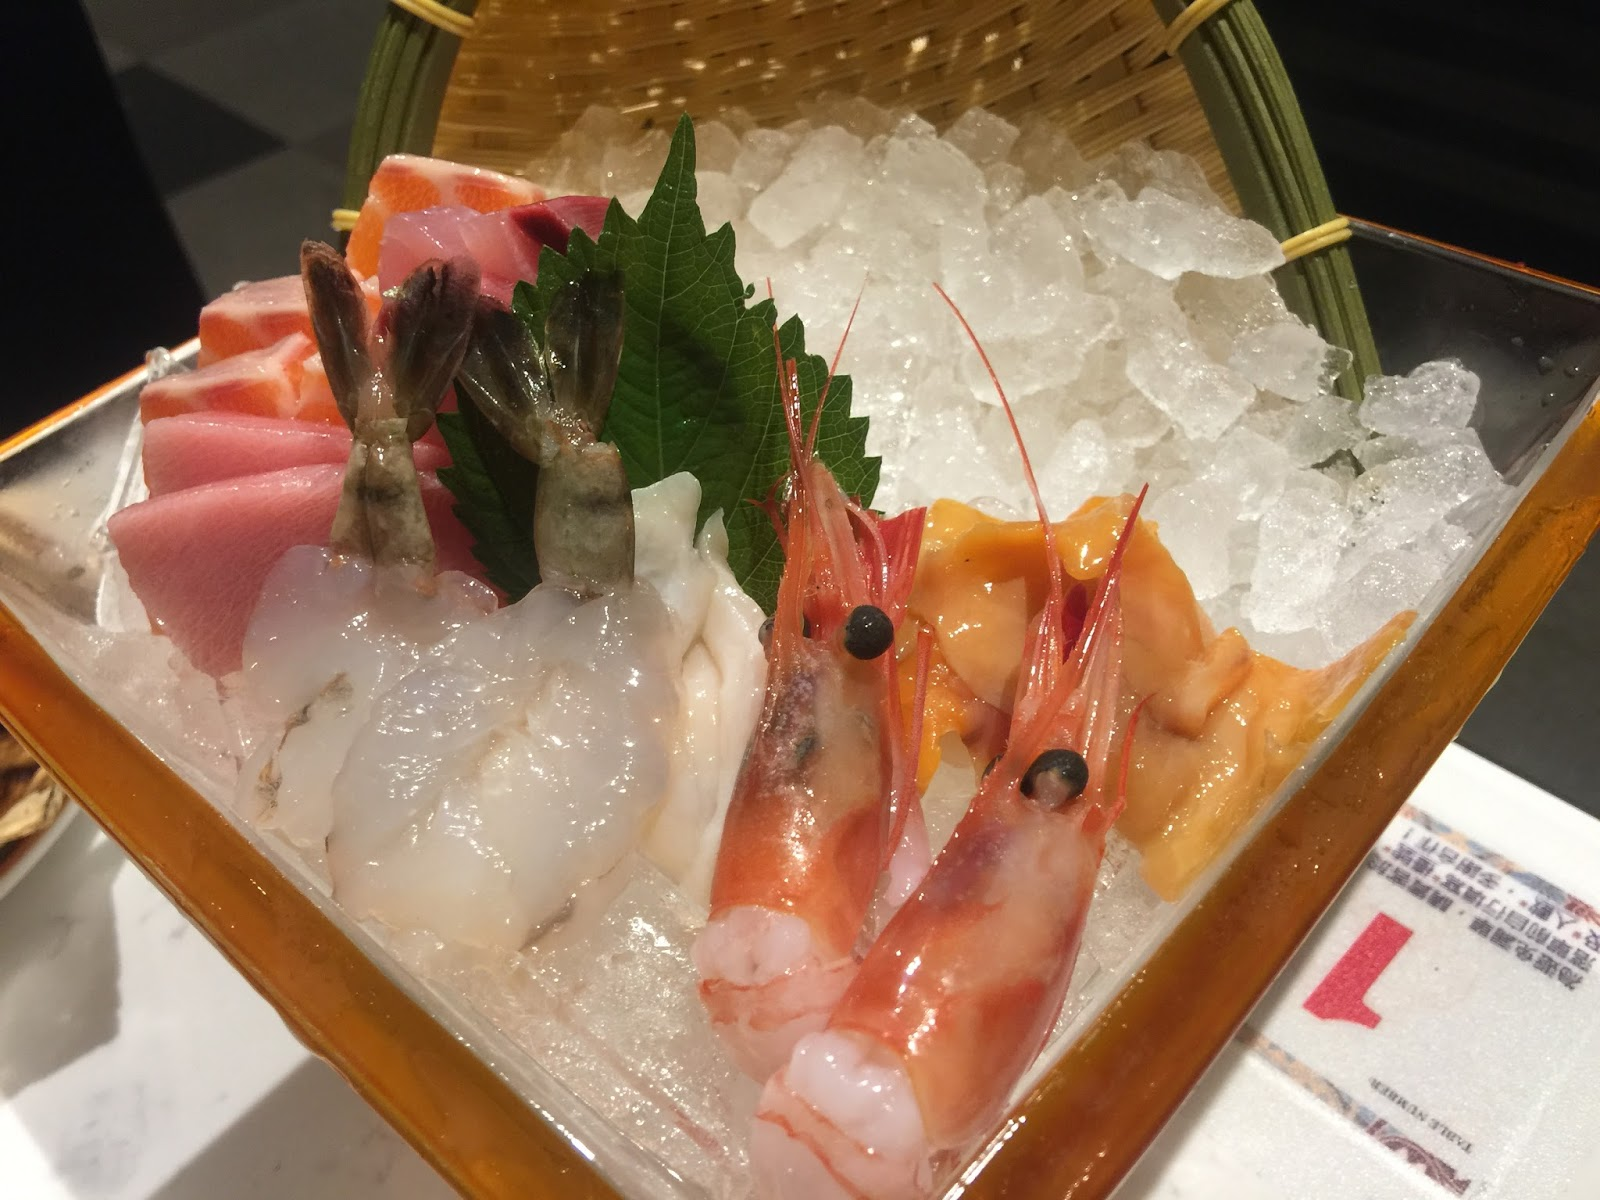 銅鑼灣極尚大喜屋日本料理 | 與別不同嘅放題 | 3小時任食片皮鴨磯燒海產